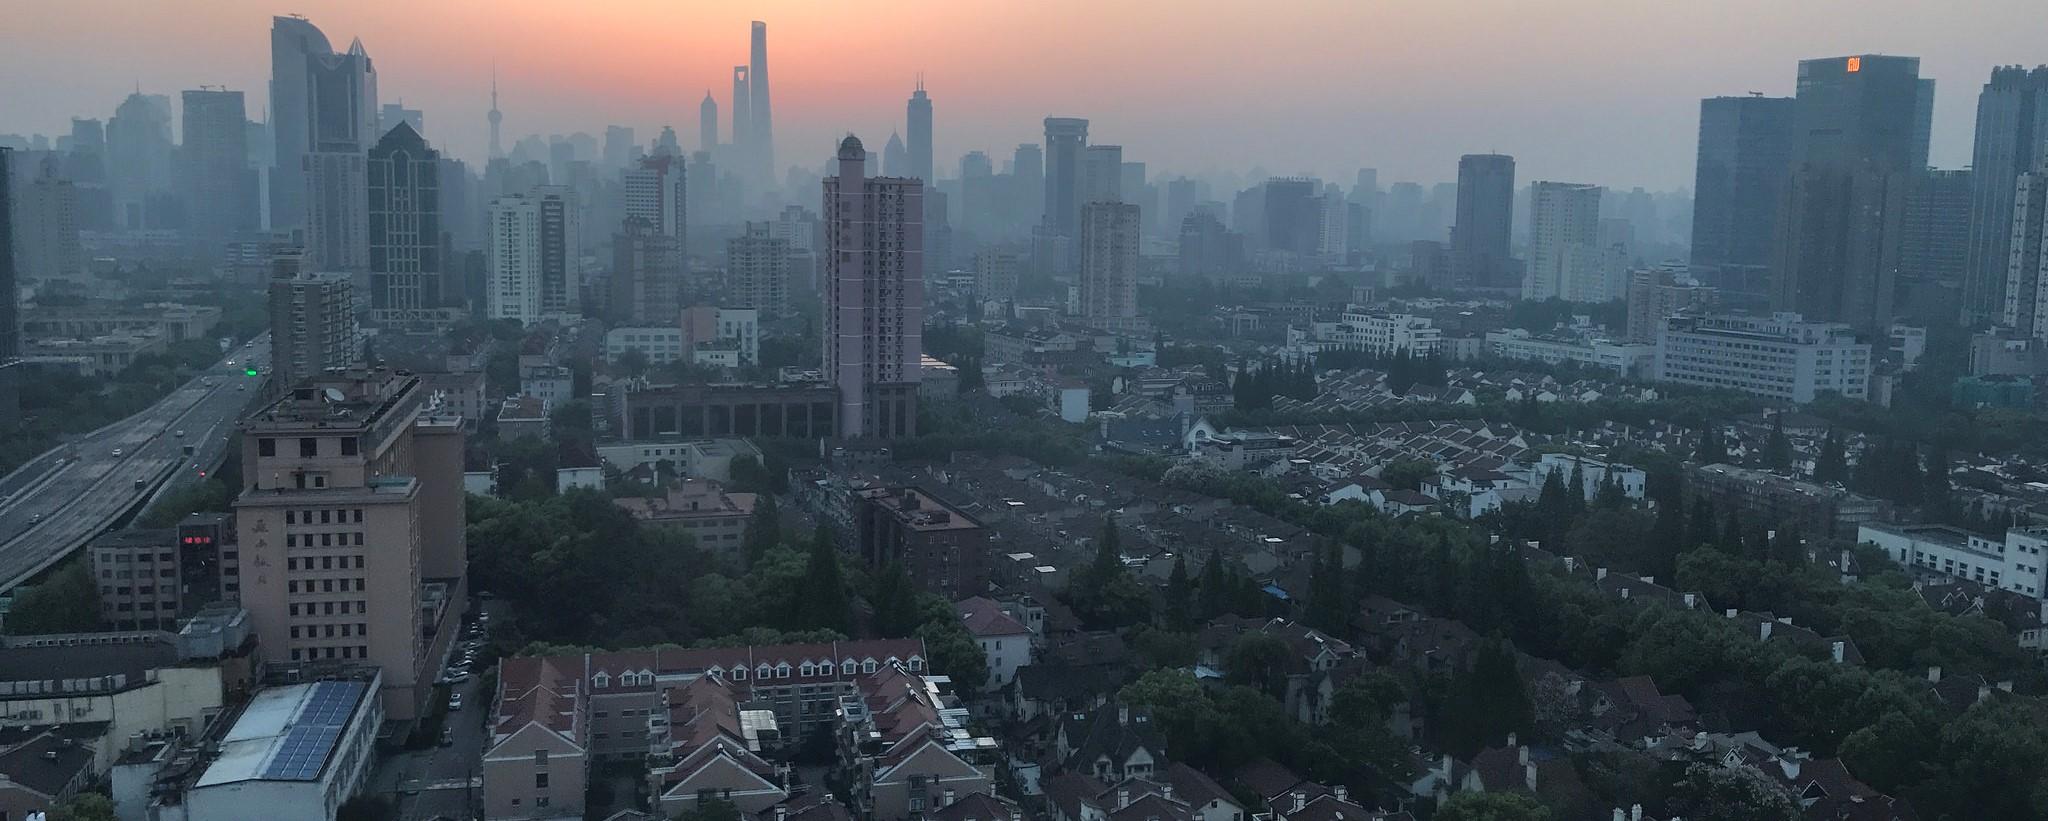 Shanghai, April 2017 (Photo: Julie Lee/Flickr)